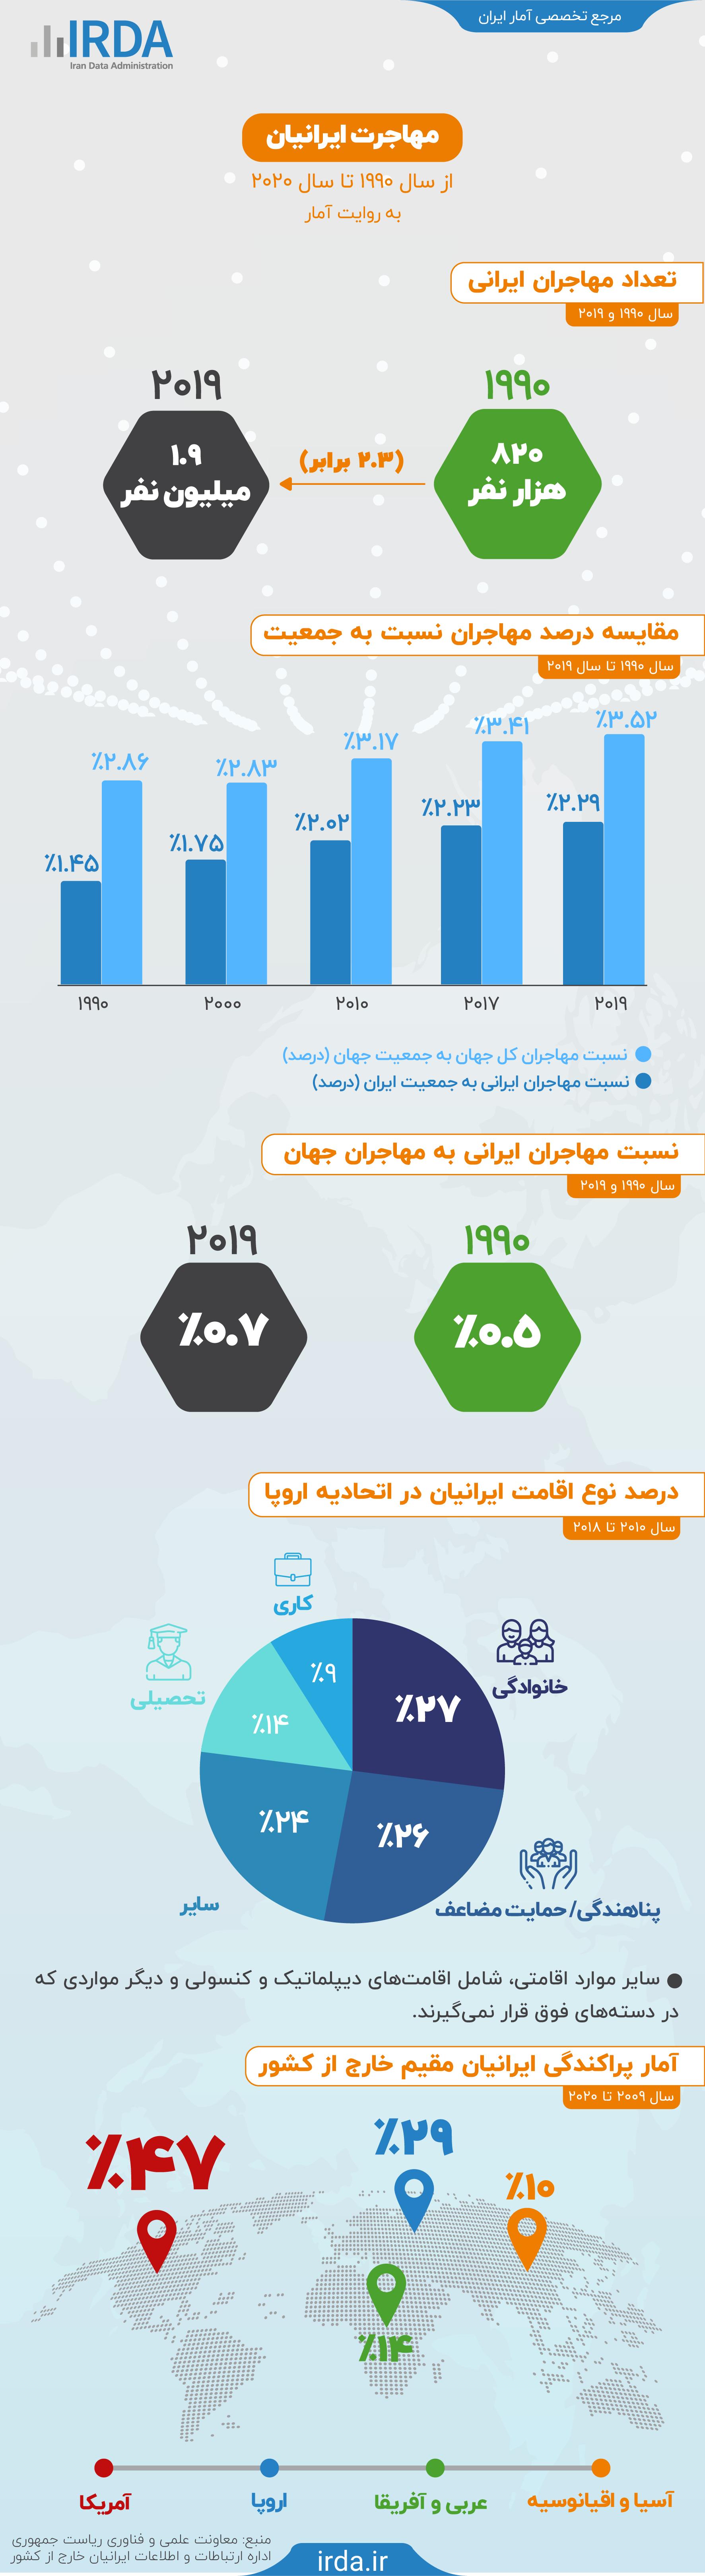 مهاجرت ایرانیان به روایت آمار